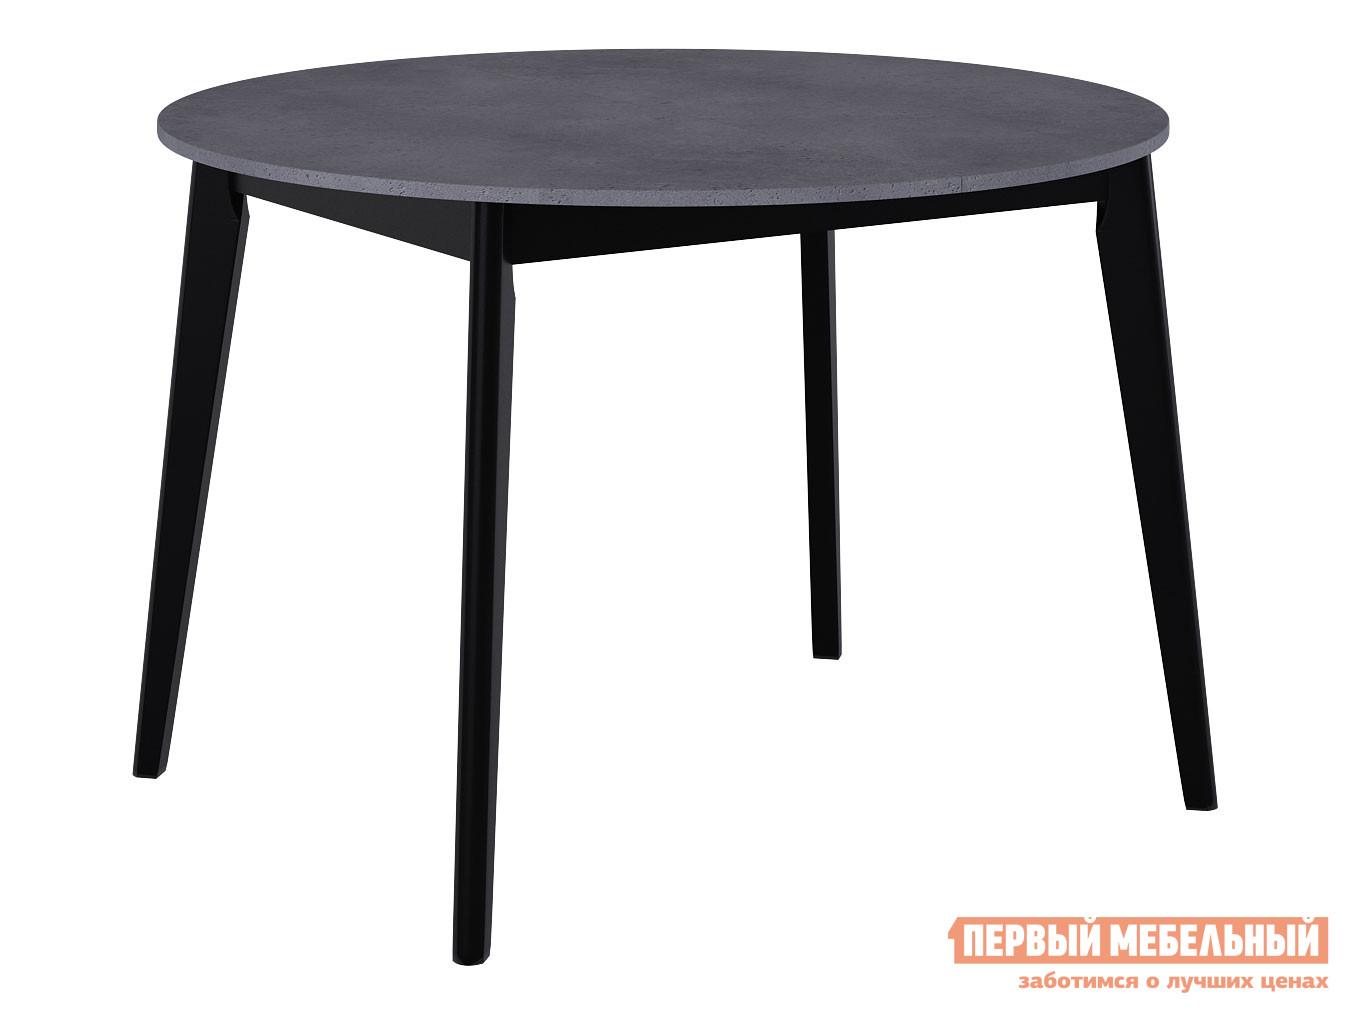 Кухонный стол  Обеденный Vesteros 1100 Бетон Портленд / Черный Stolmann 137729